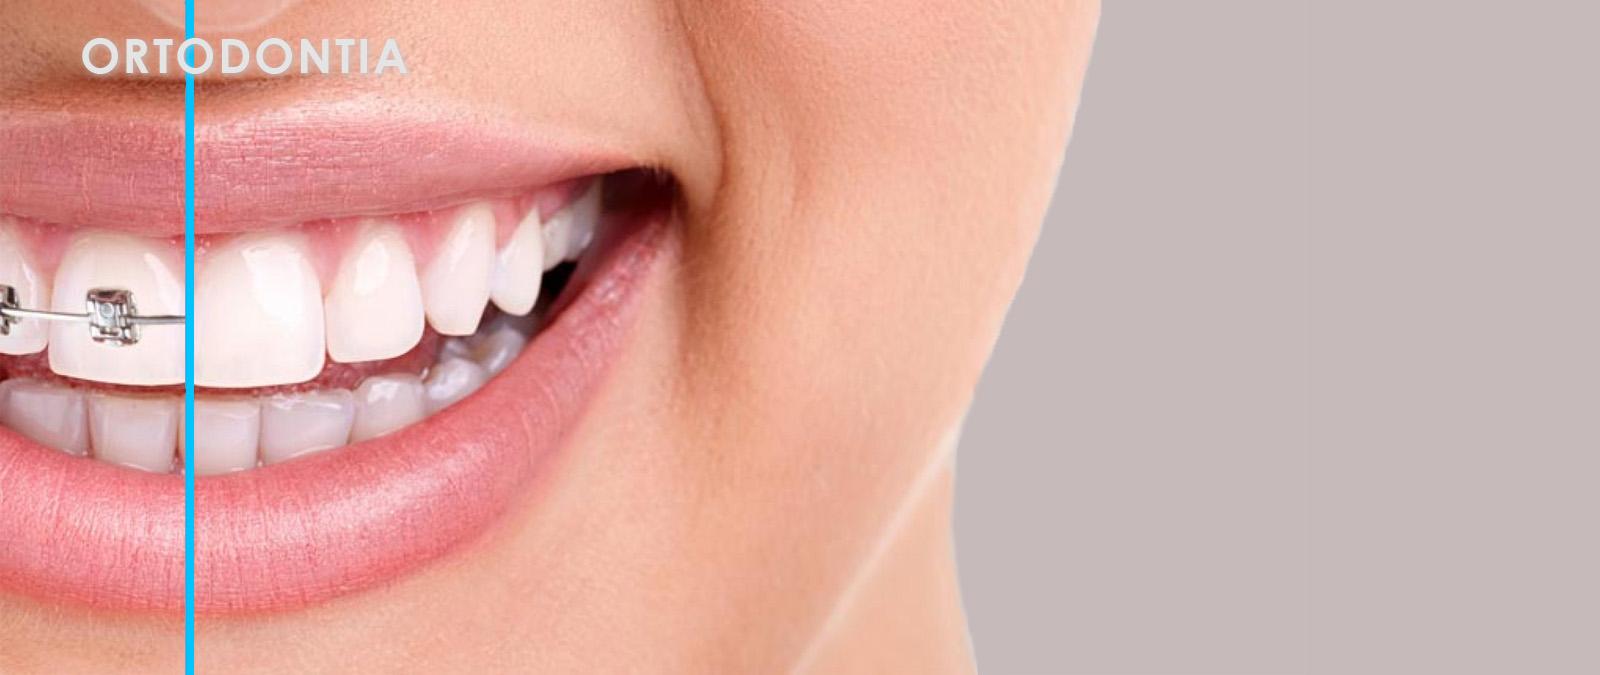 Ortodontia para áreas clínicas medicis